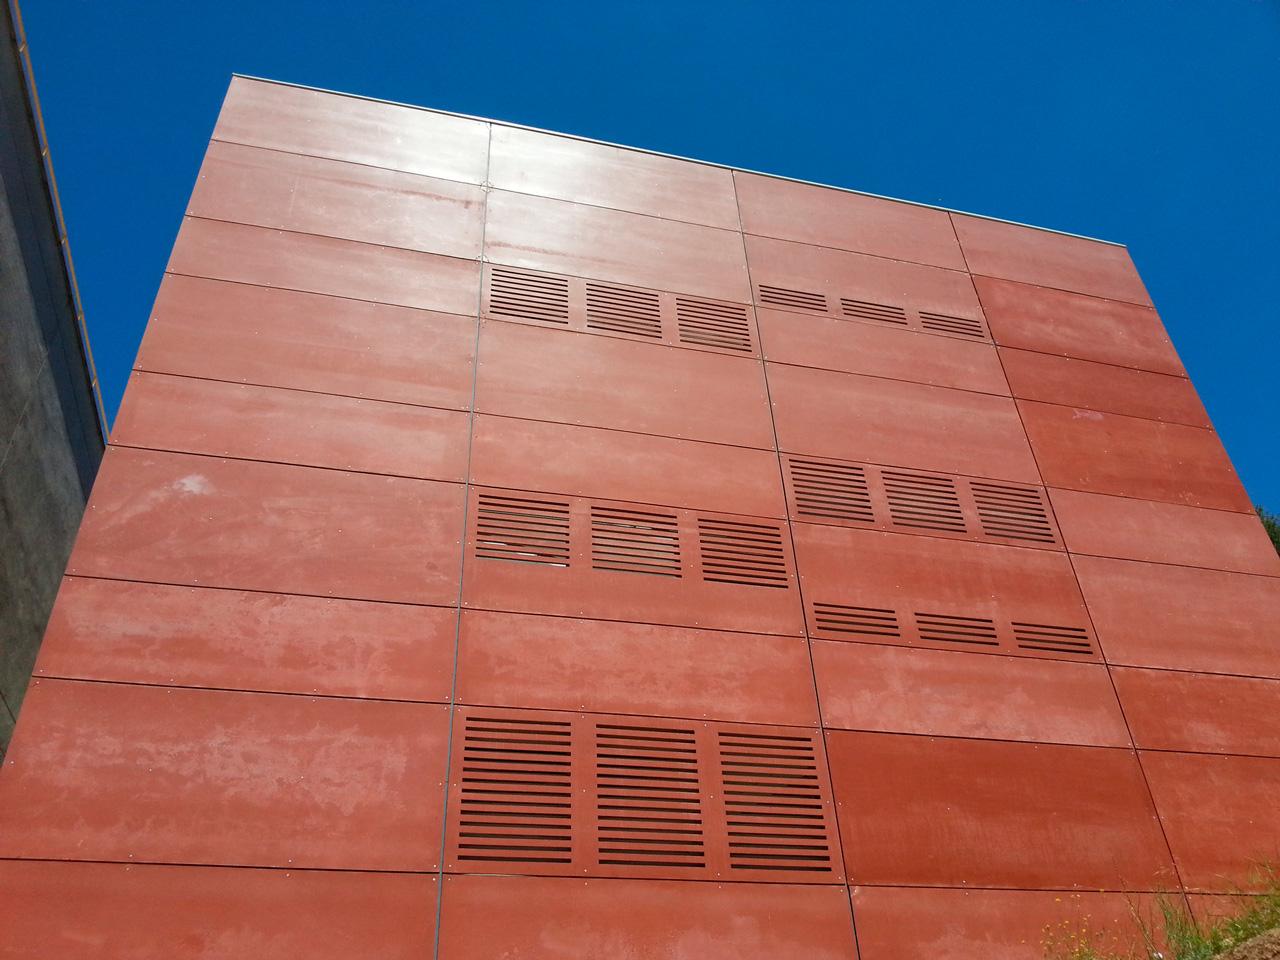 fachadas-ventiladas-solucion-constructiva-1